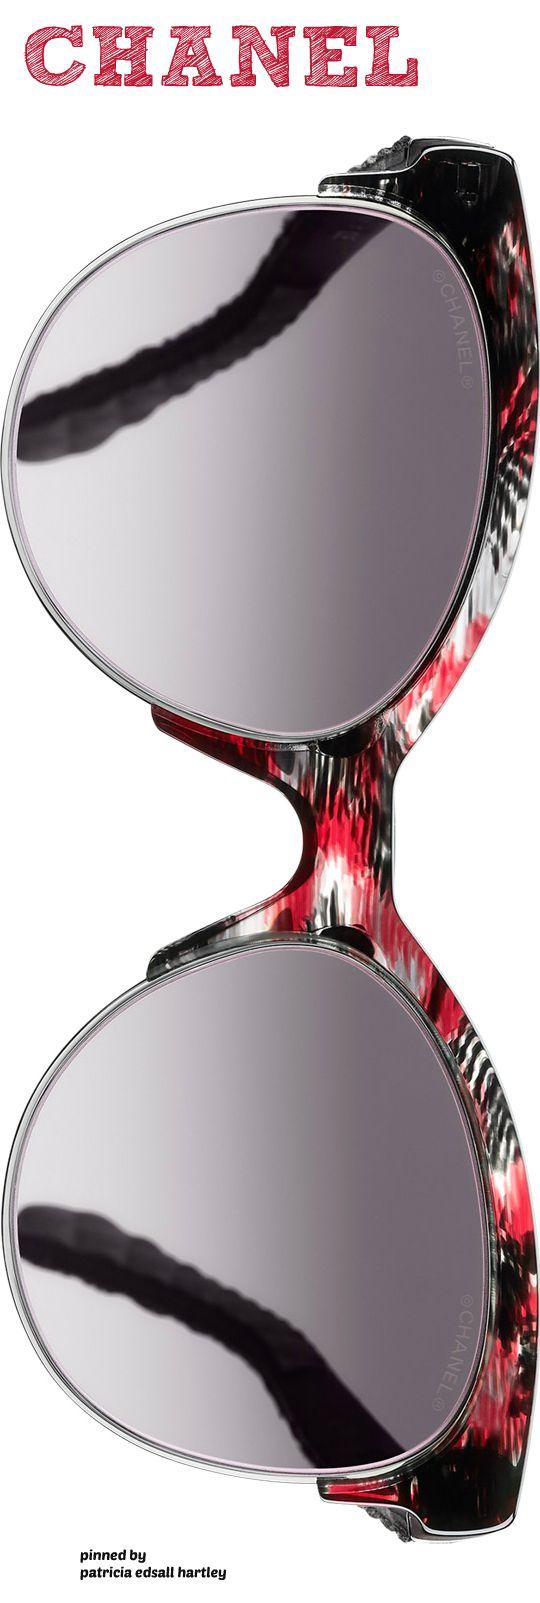 Chanel sunglasses ♦F&I♦